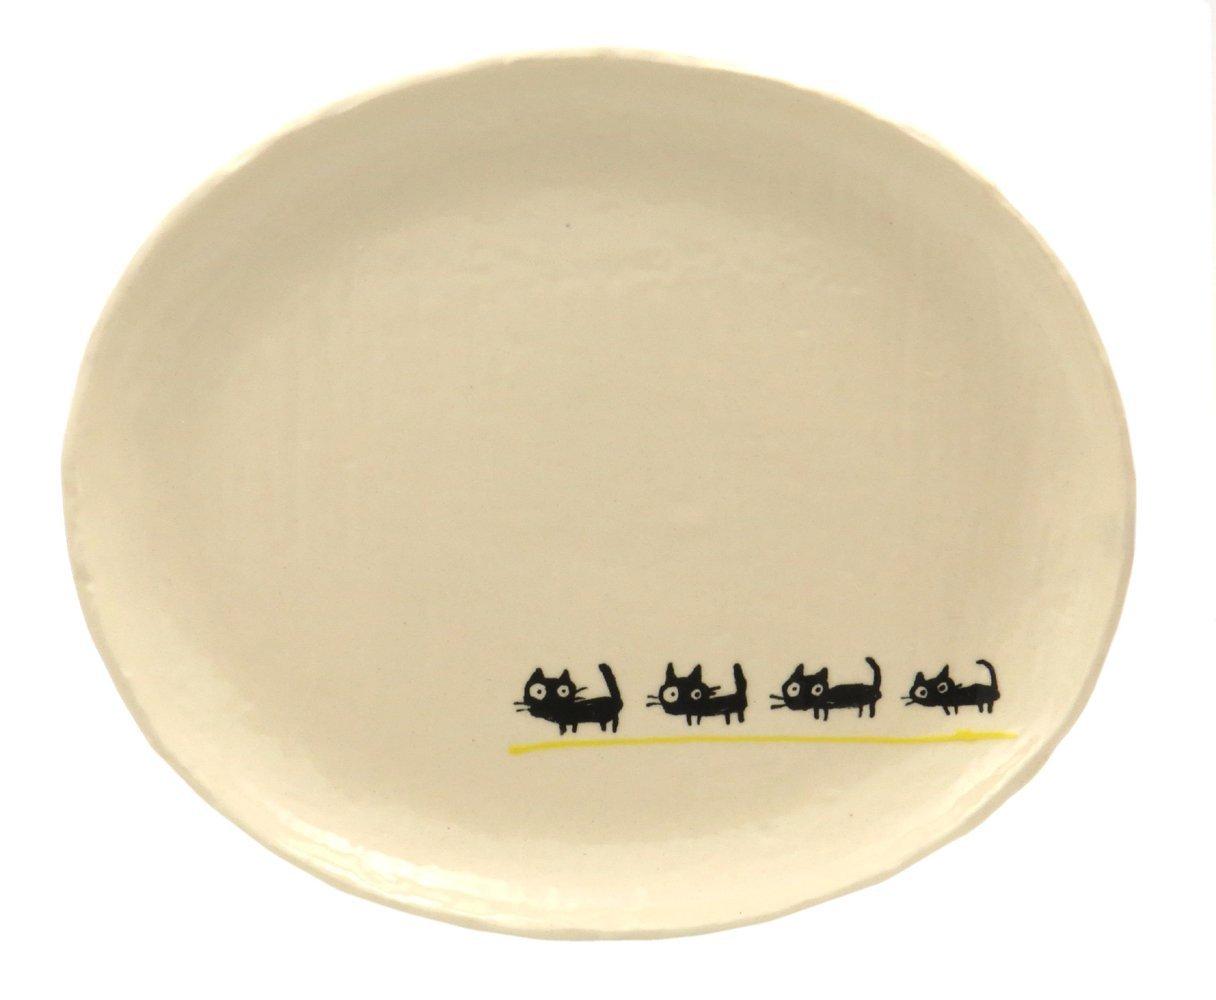 23cmのメイン用3サイズの大きいお皿【小判皿大(黒ねこイエロー)】